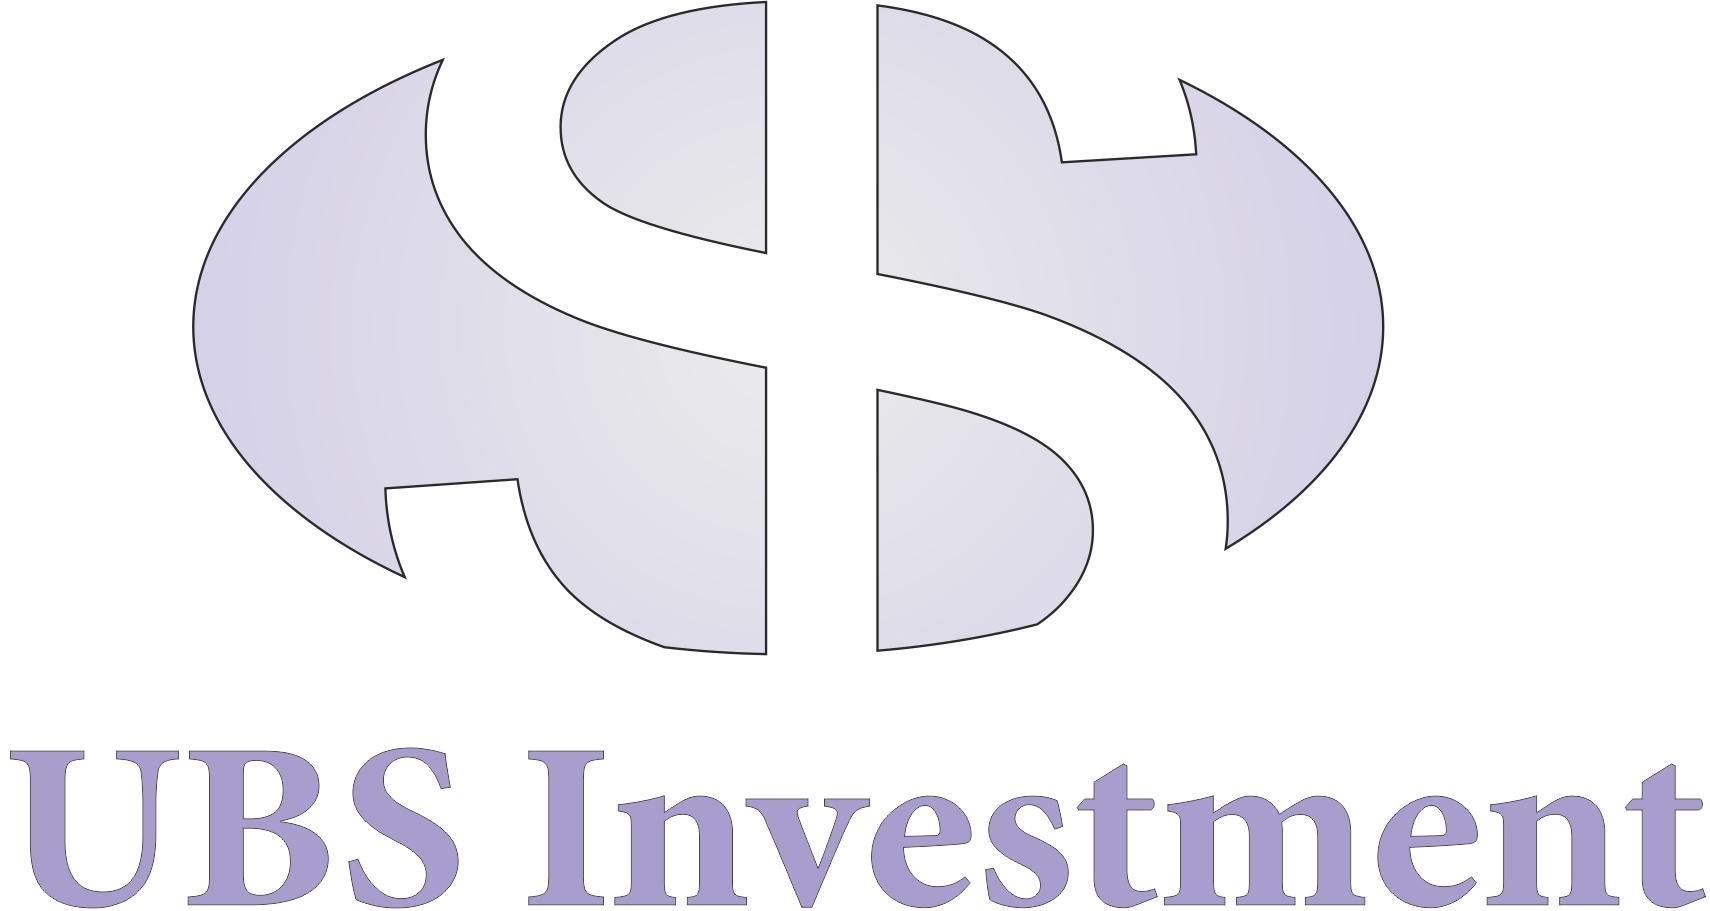 Разработка логотипа компании фото f_4e9db615e6762.jpg